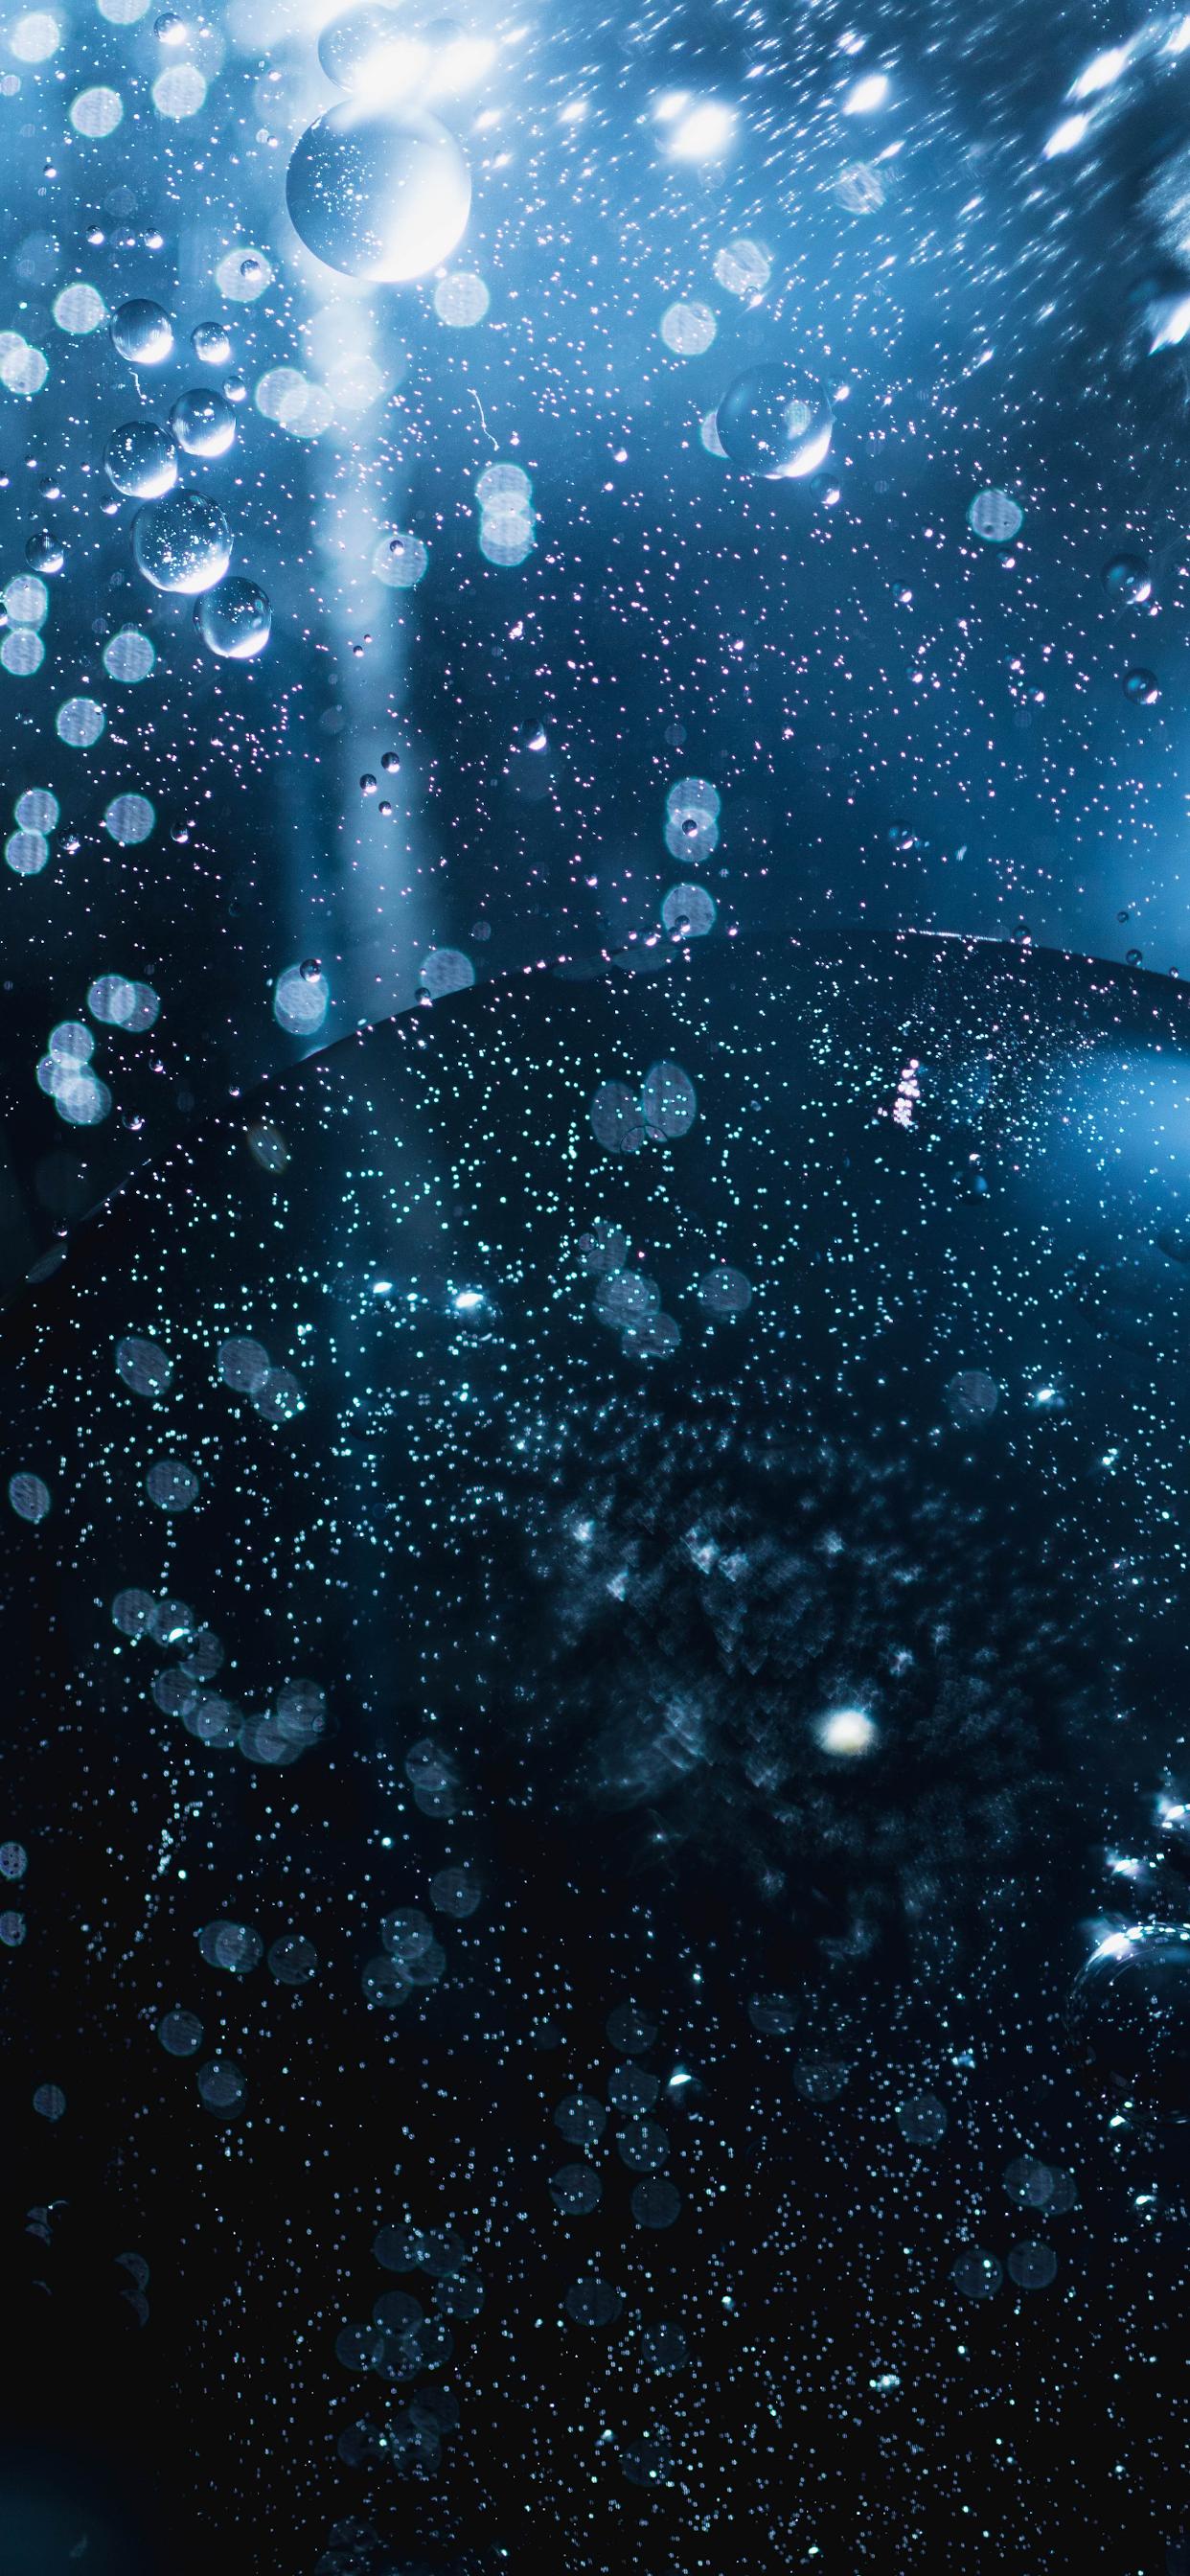 iPhone wallpapers bubbles light Fonds d'écran iPhone du 27/08/2019